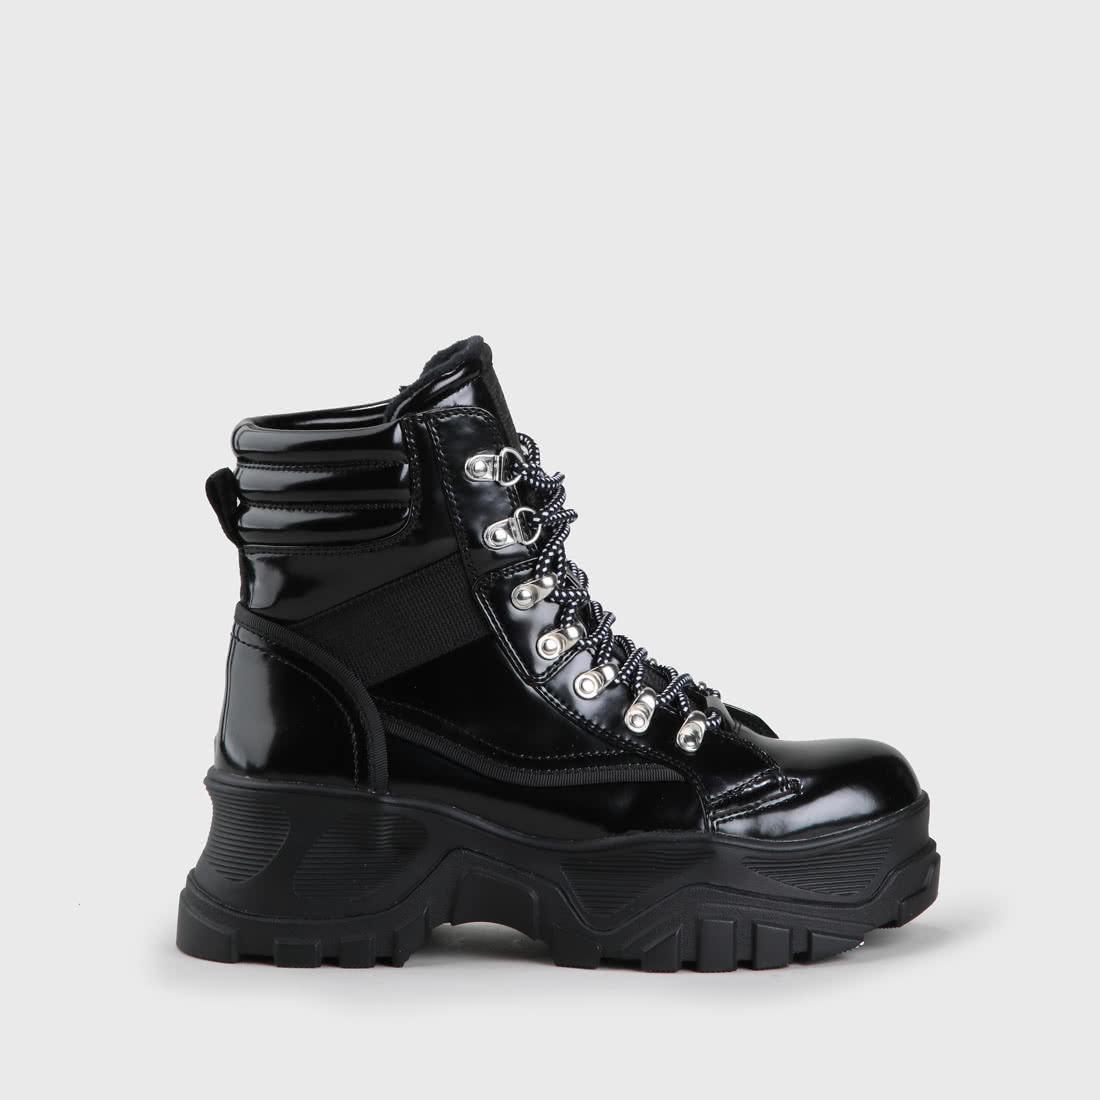 pas cher pour réduction 7e6c5 e267a Fendo Lace-Up Boot smooth leather look black